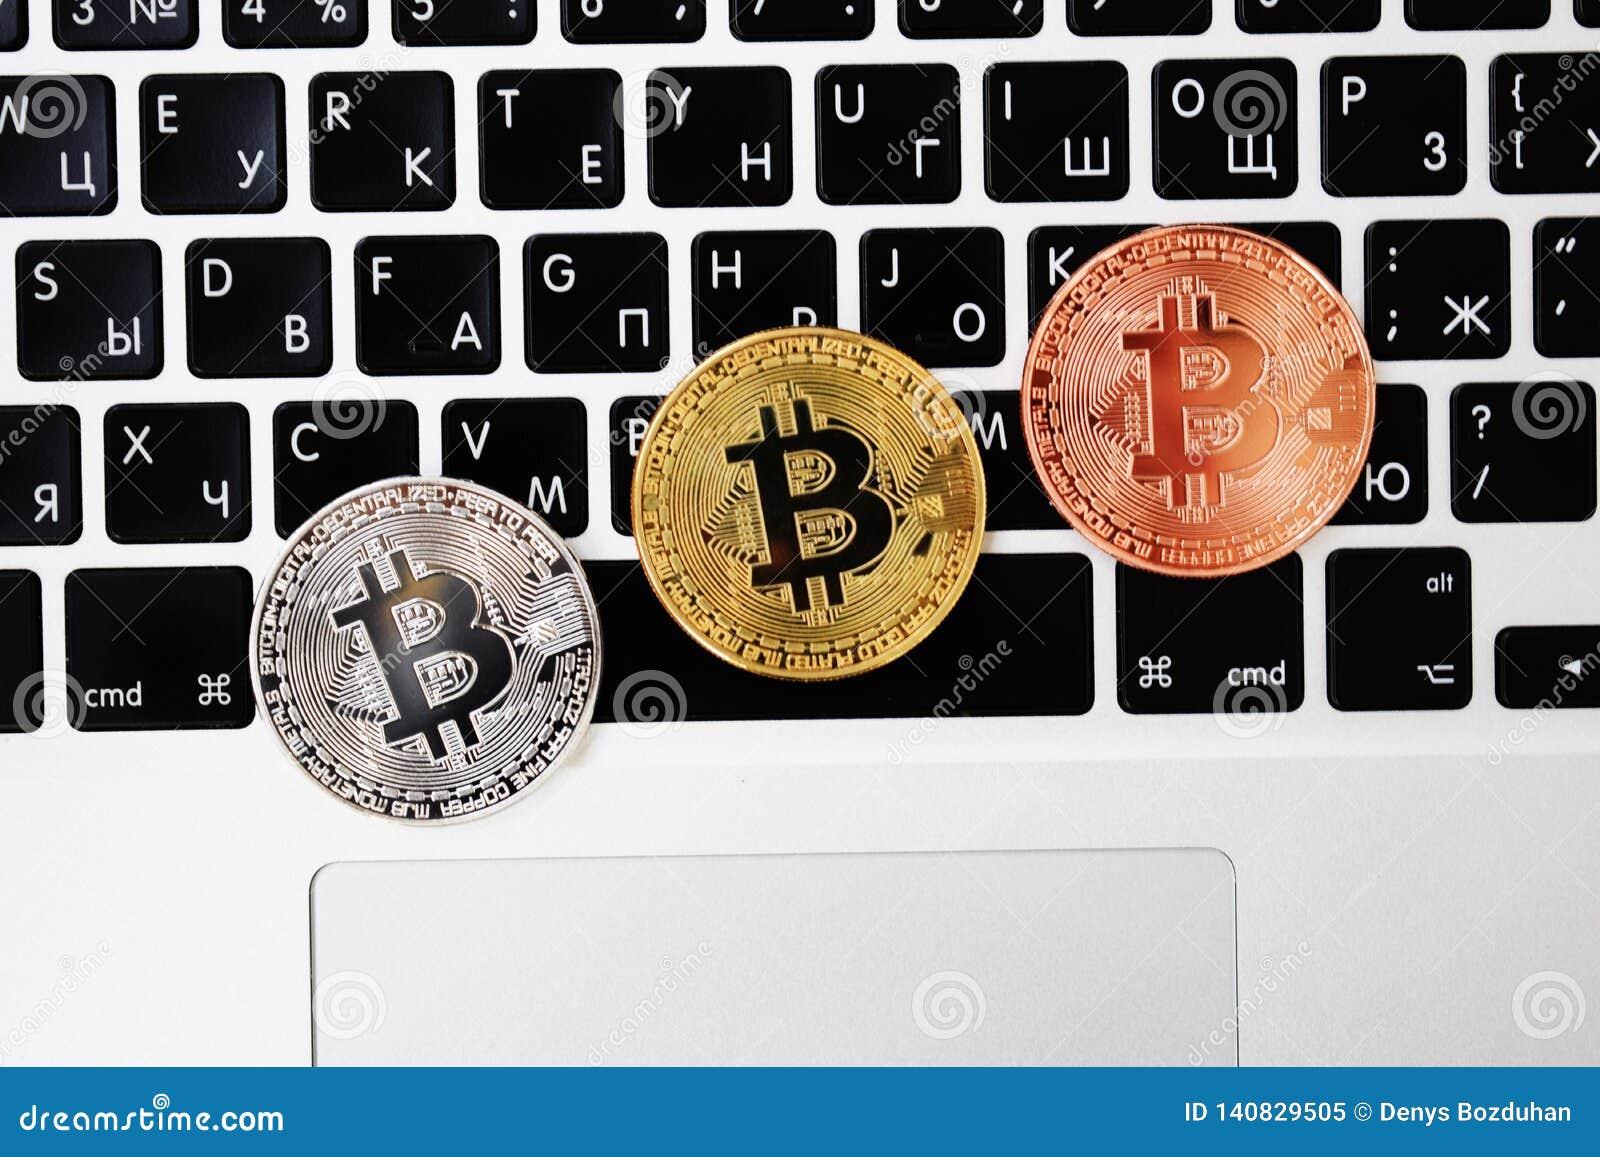 金币在键盘手提电脑的bitcoin货币,电子财务概念 Bitcoin硬币 事务,商务,